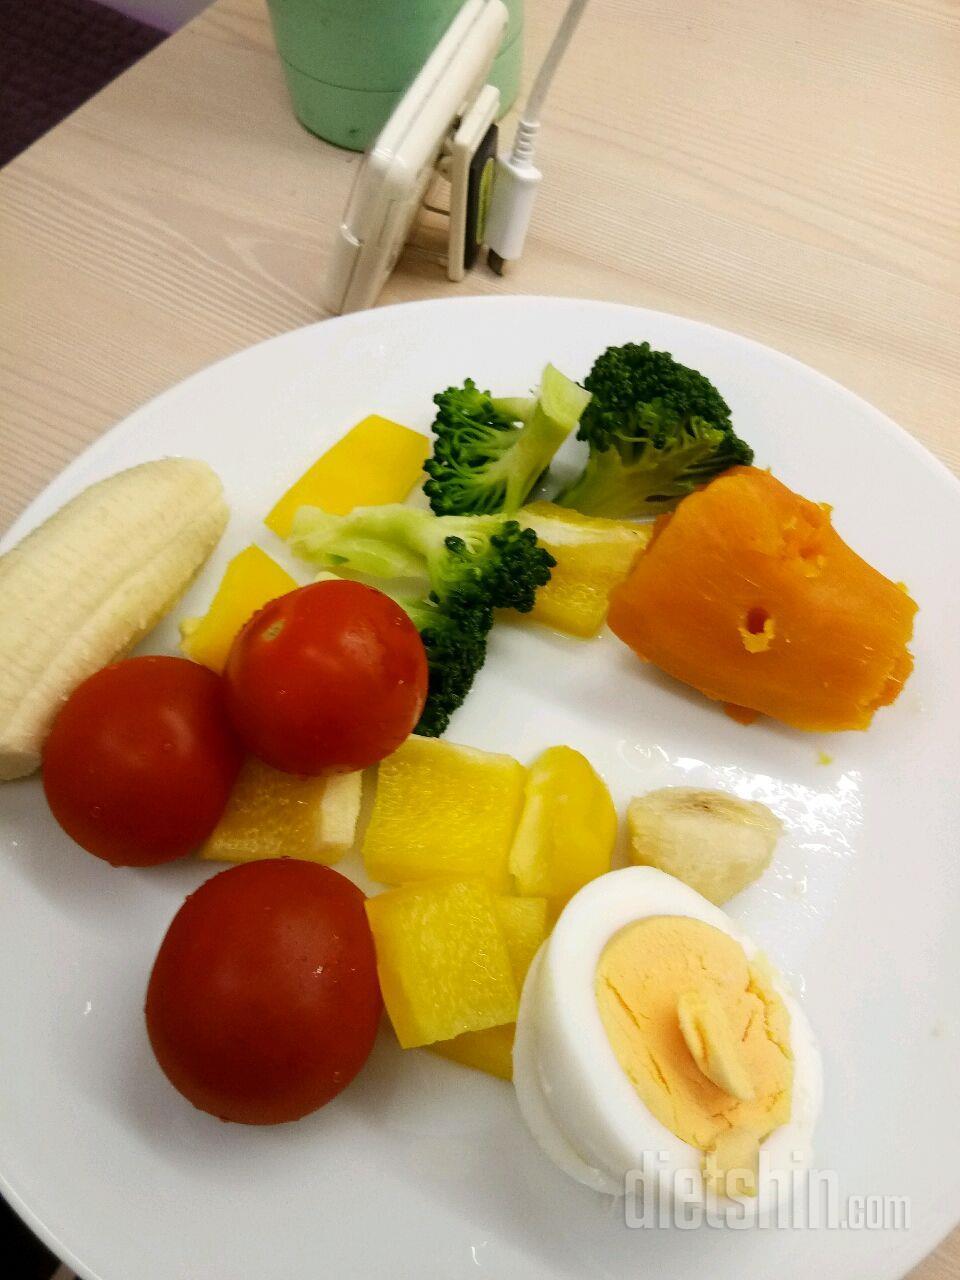 도와주세요!ㅜㅜ 건강한 다이어트 식단